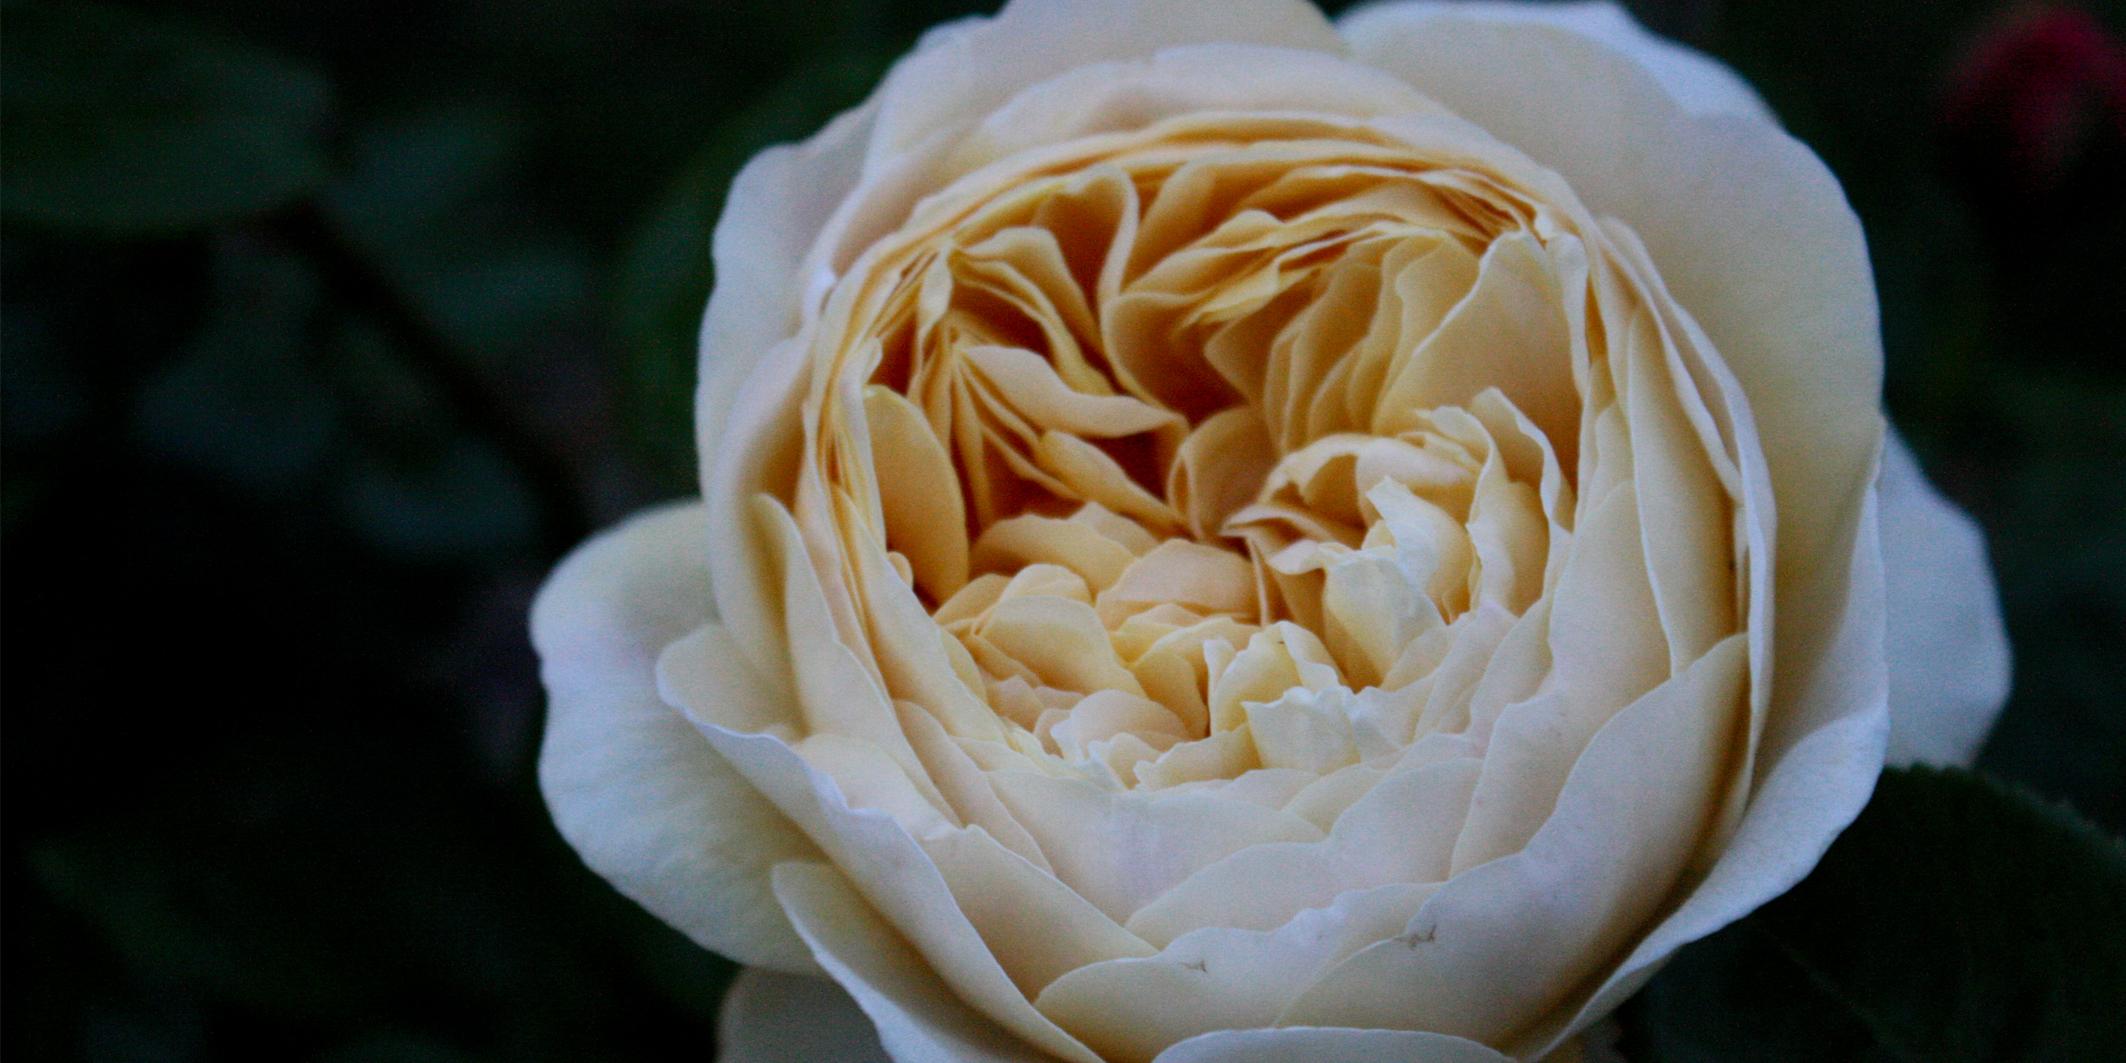 rose20142